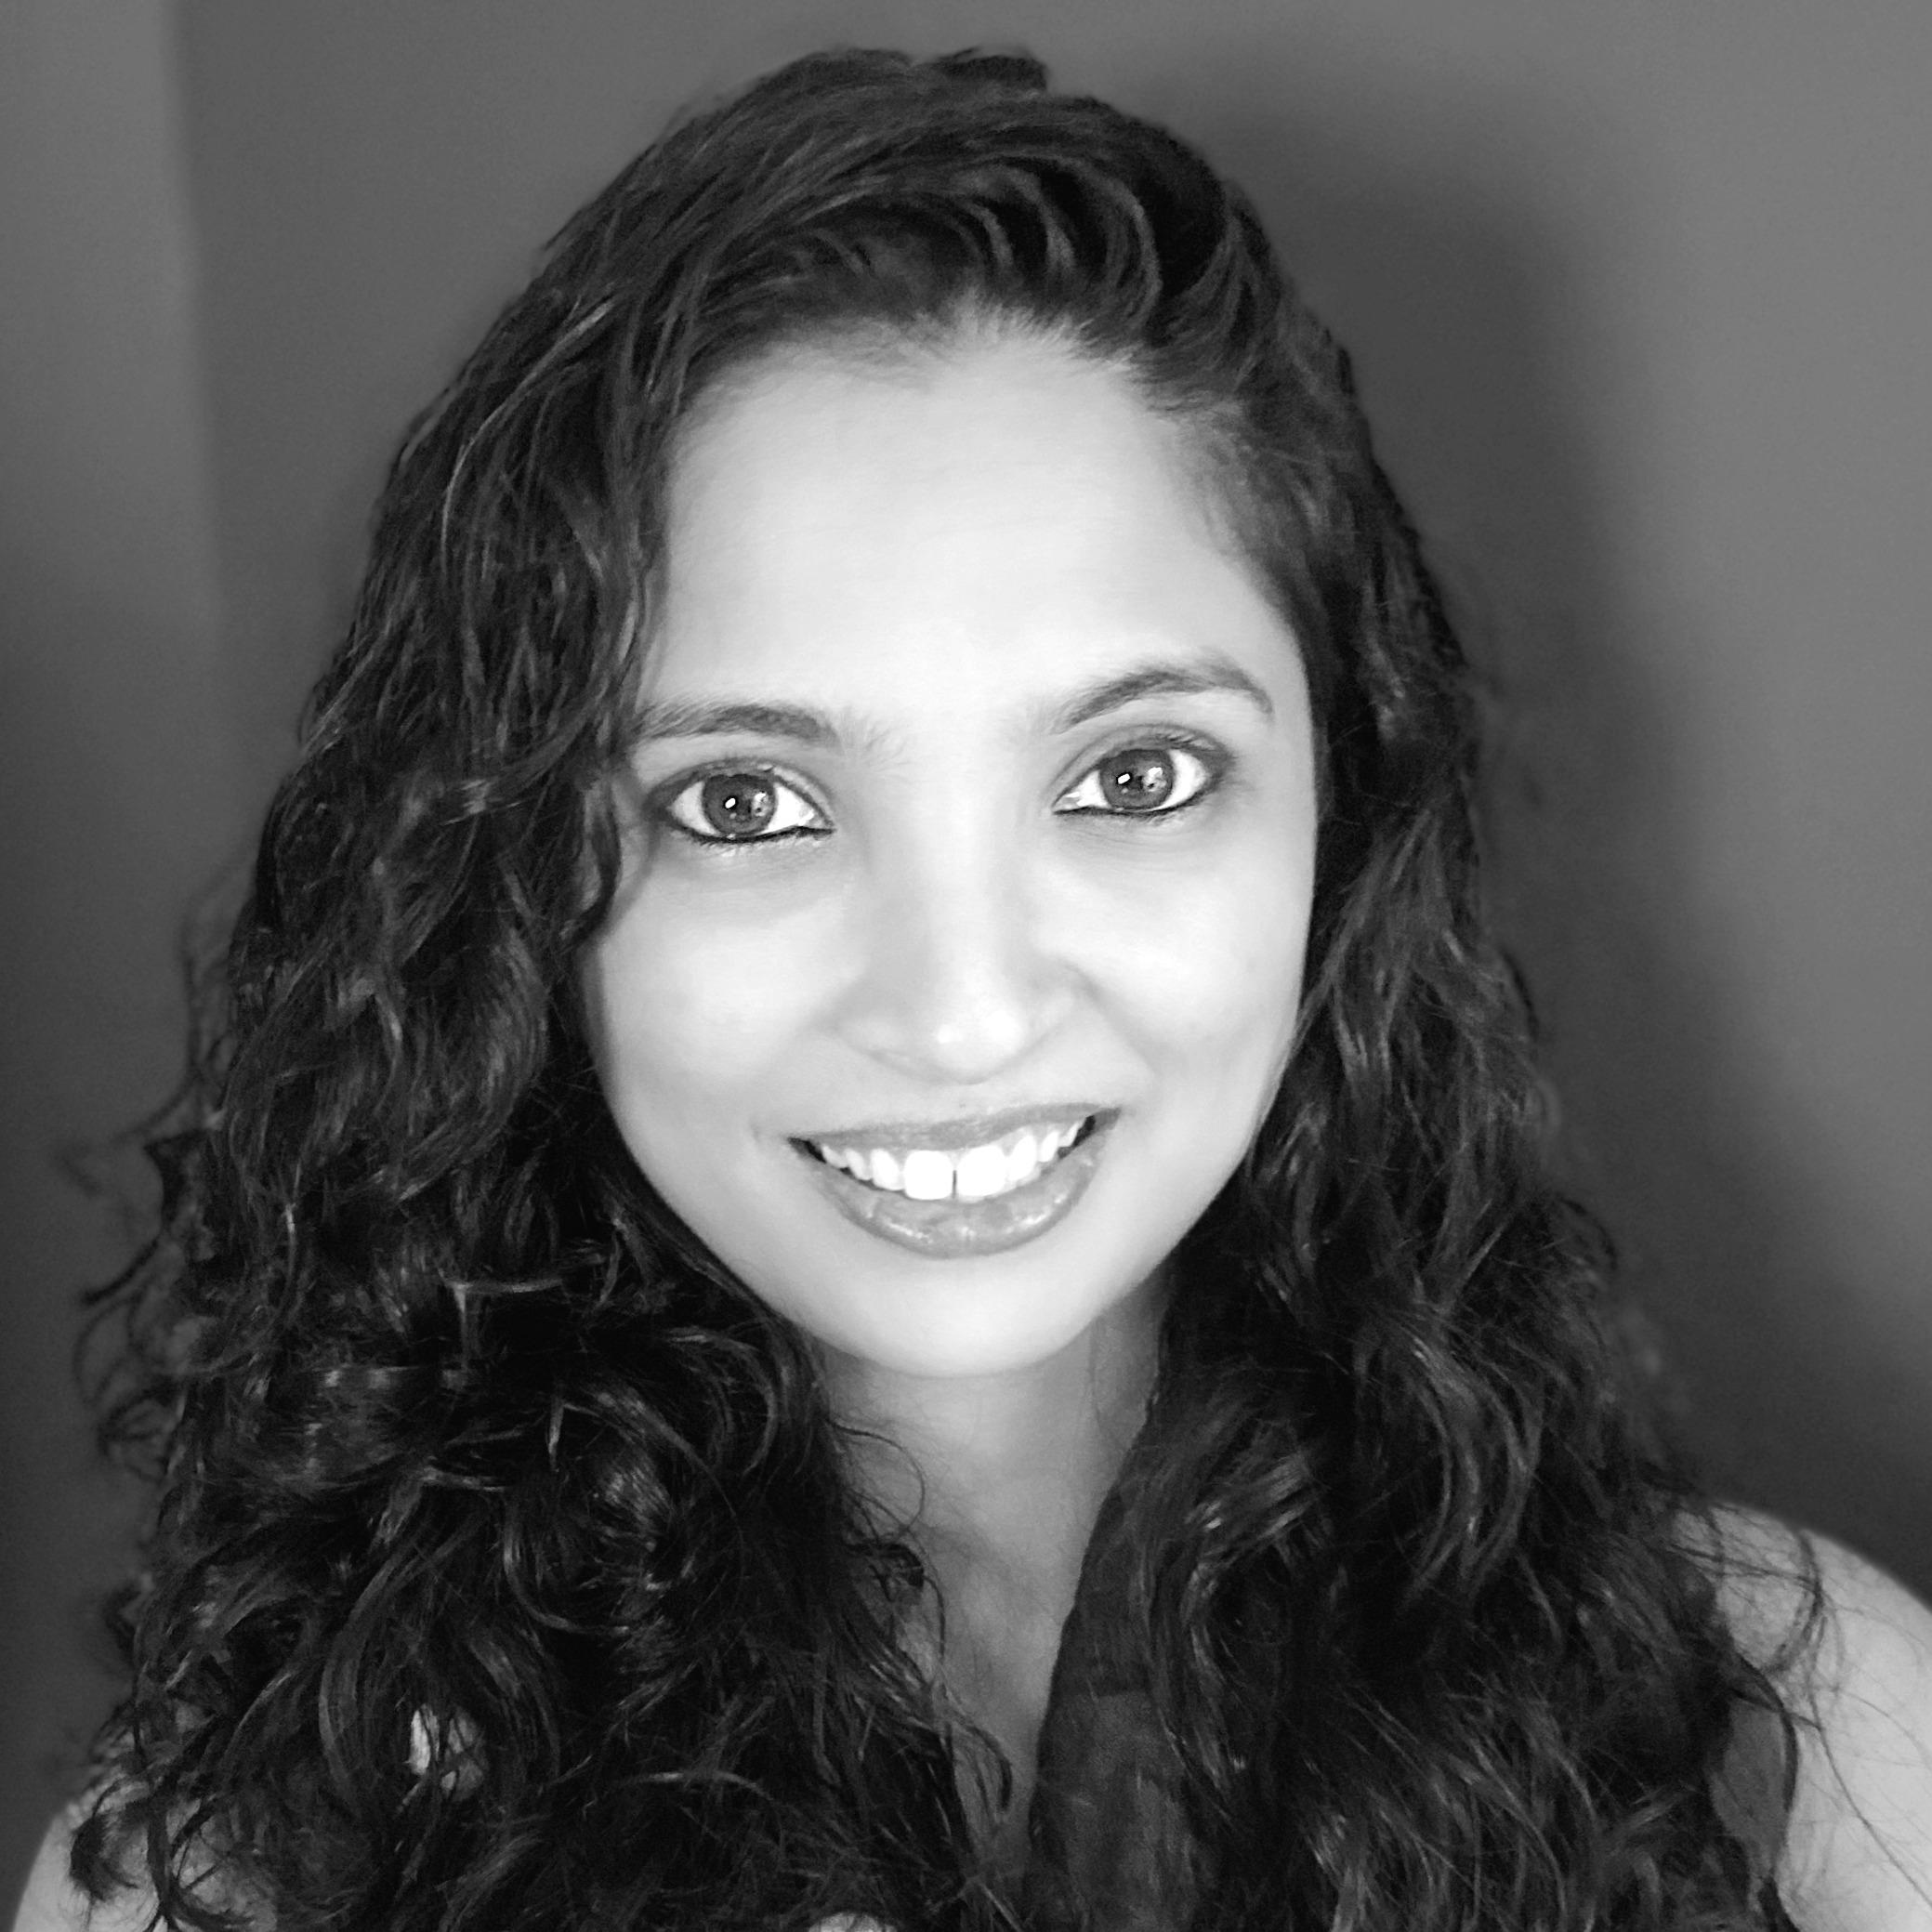 Ipshita Chaturvedi